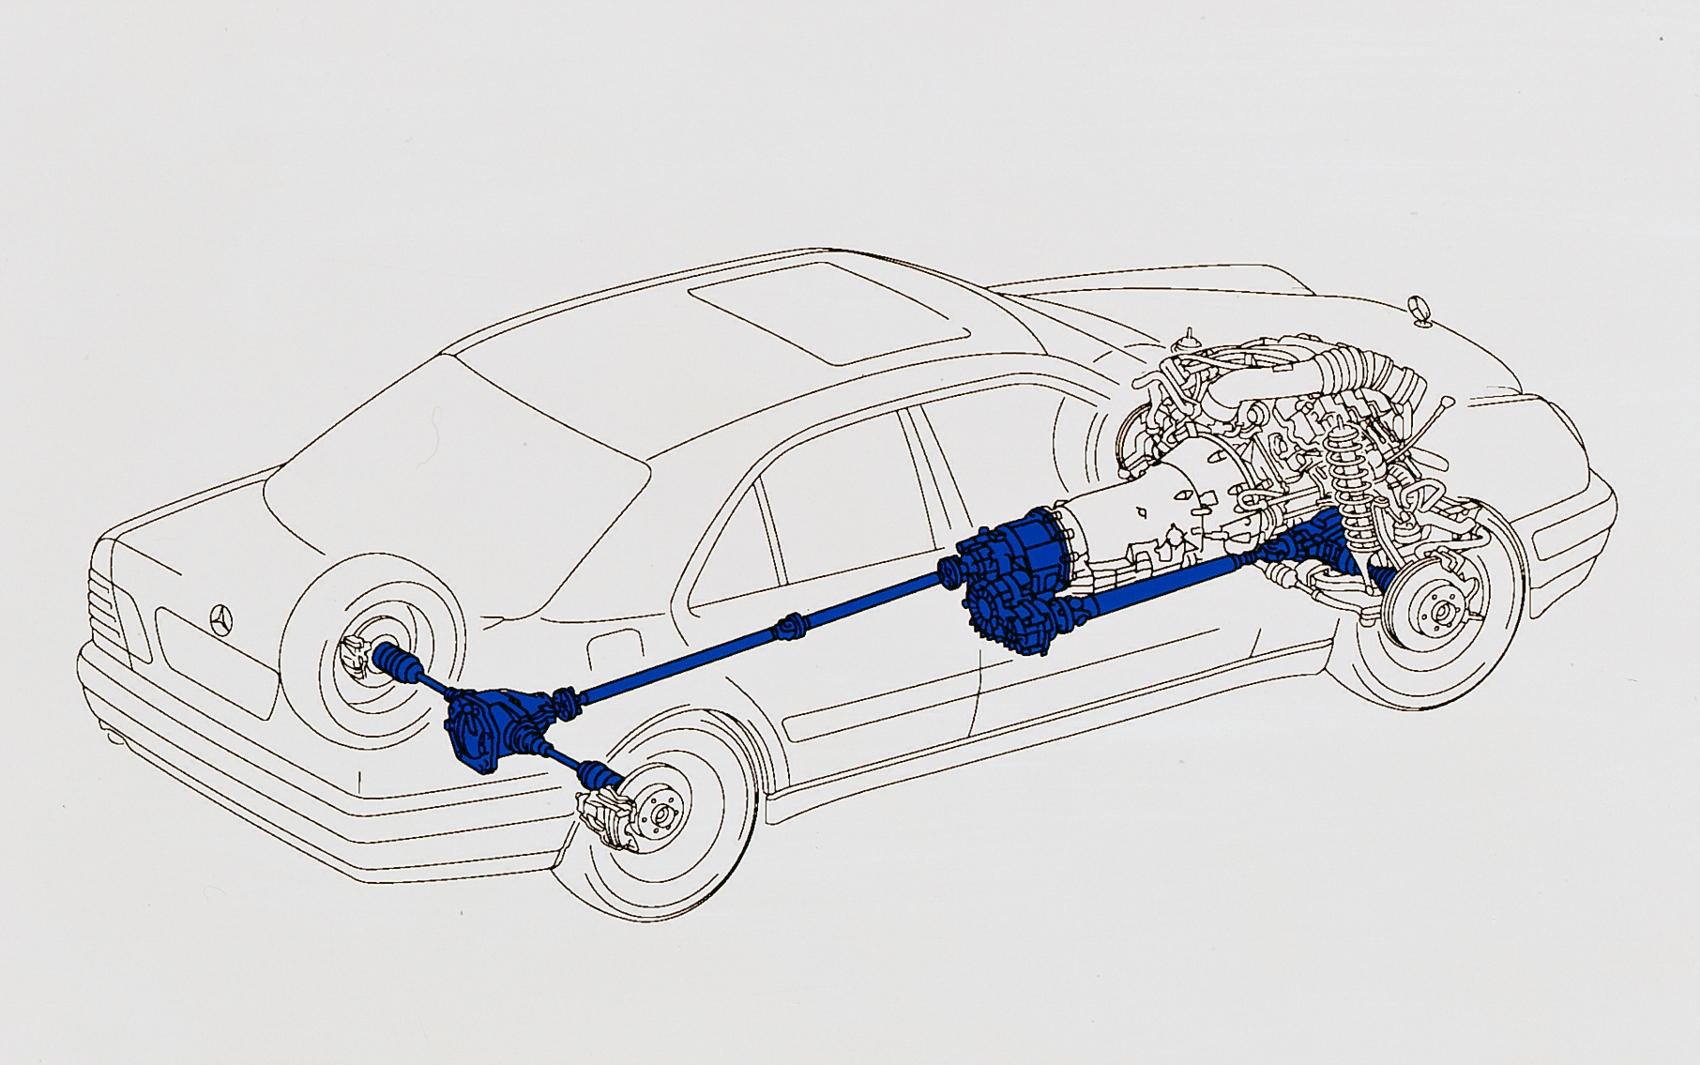 Návrat na autosalón IAA 1985: Mercedes predstavil nové systémy ASD, ASR a 4MATIC bzy5Rv5SaQ c96f5940